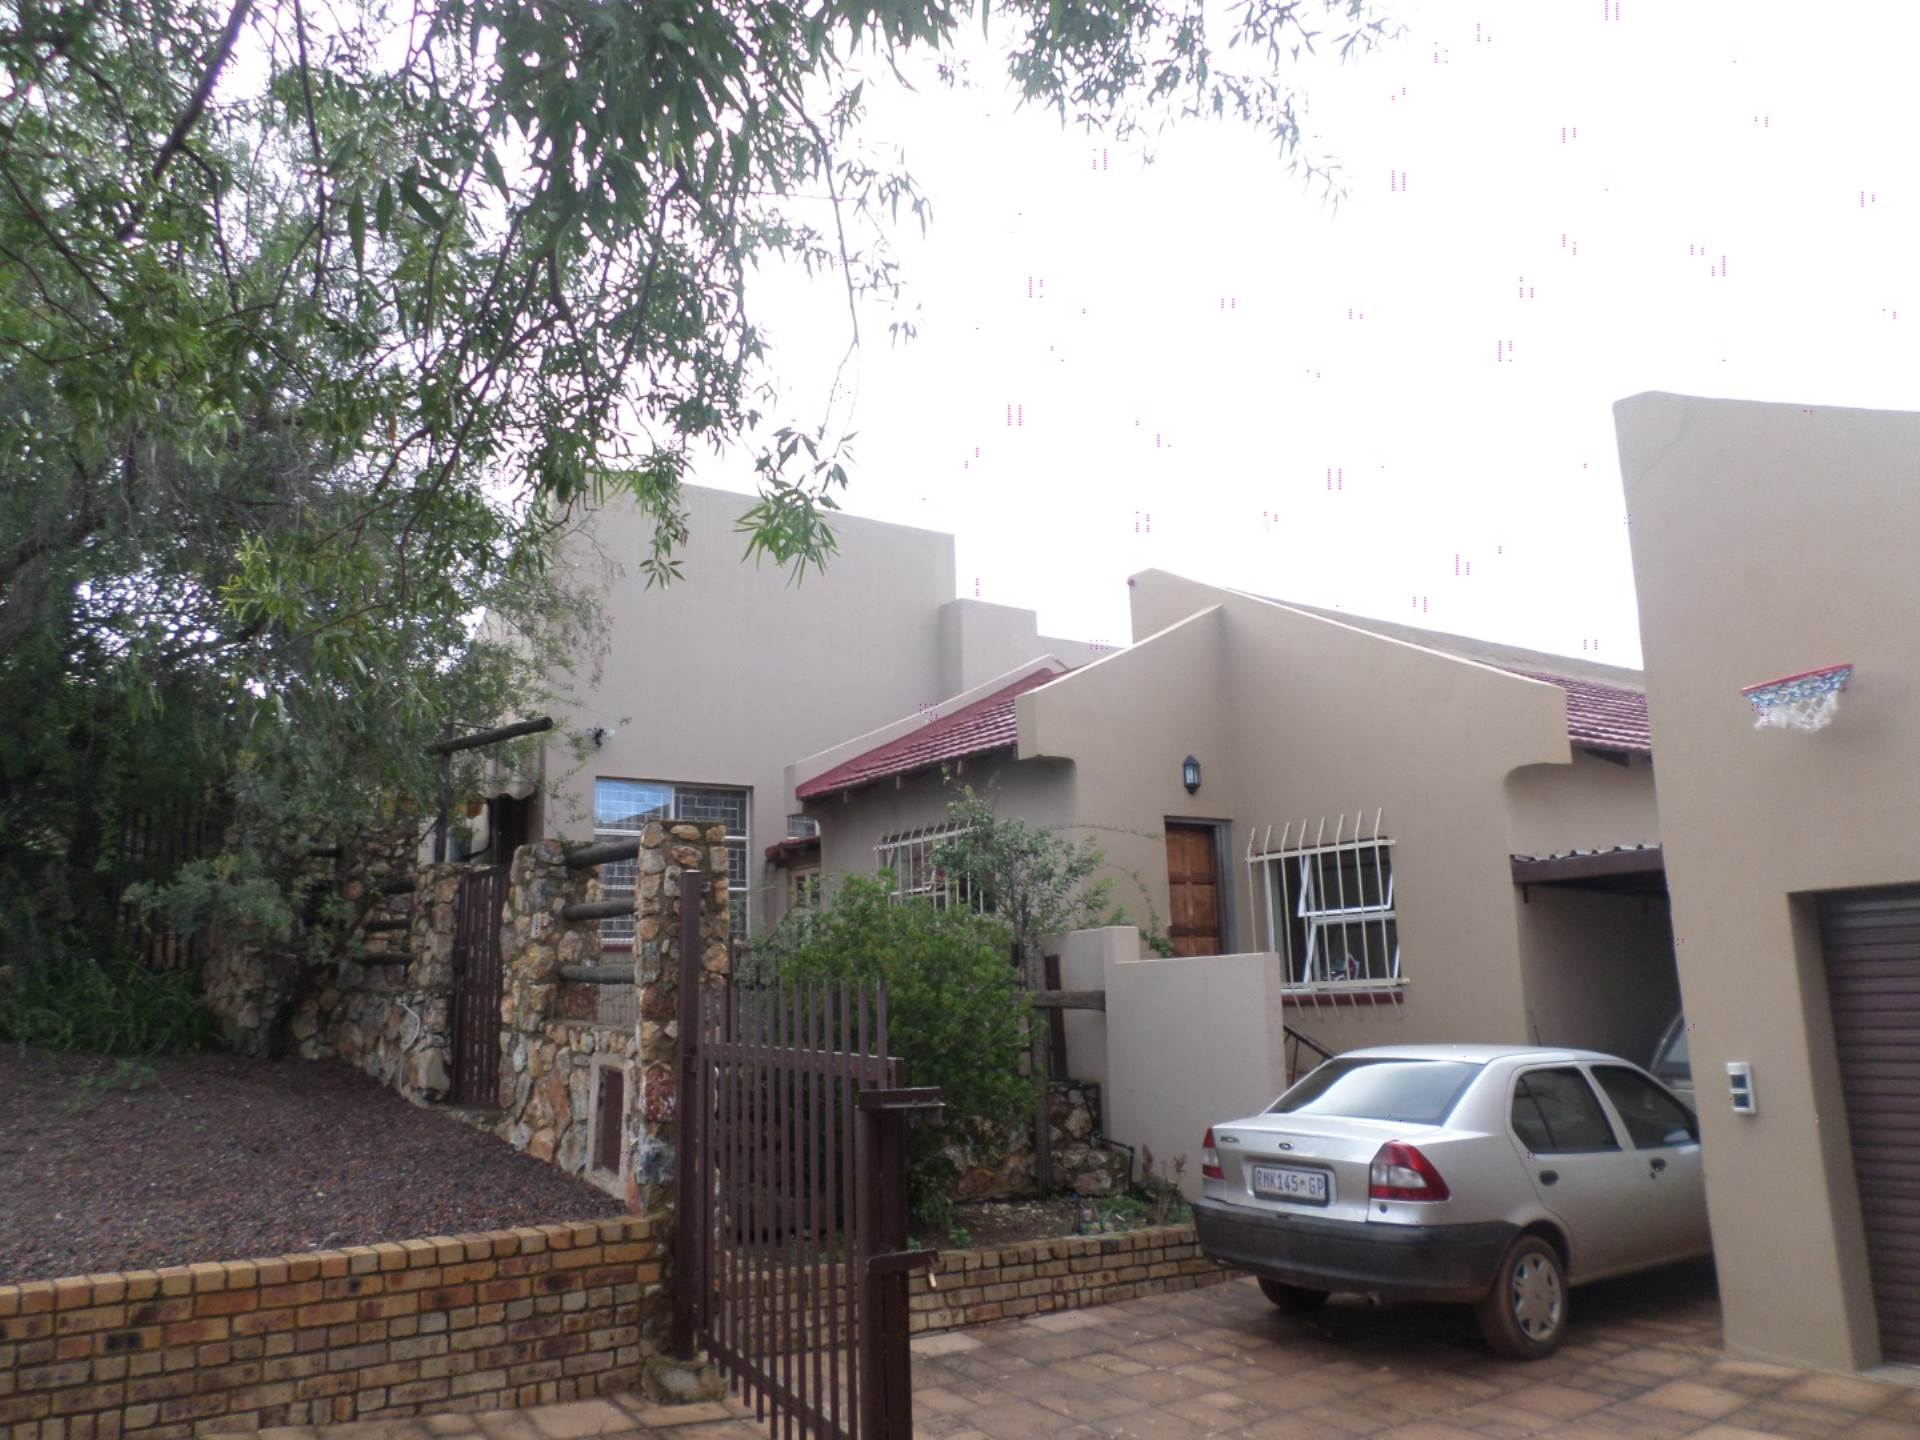 3 BedroomHouse For Sale In Vaaloewer